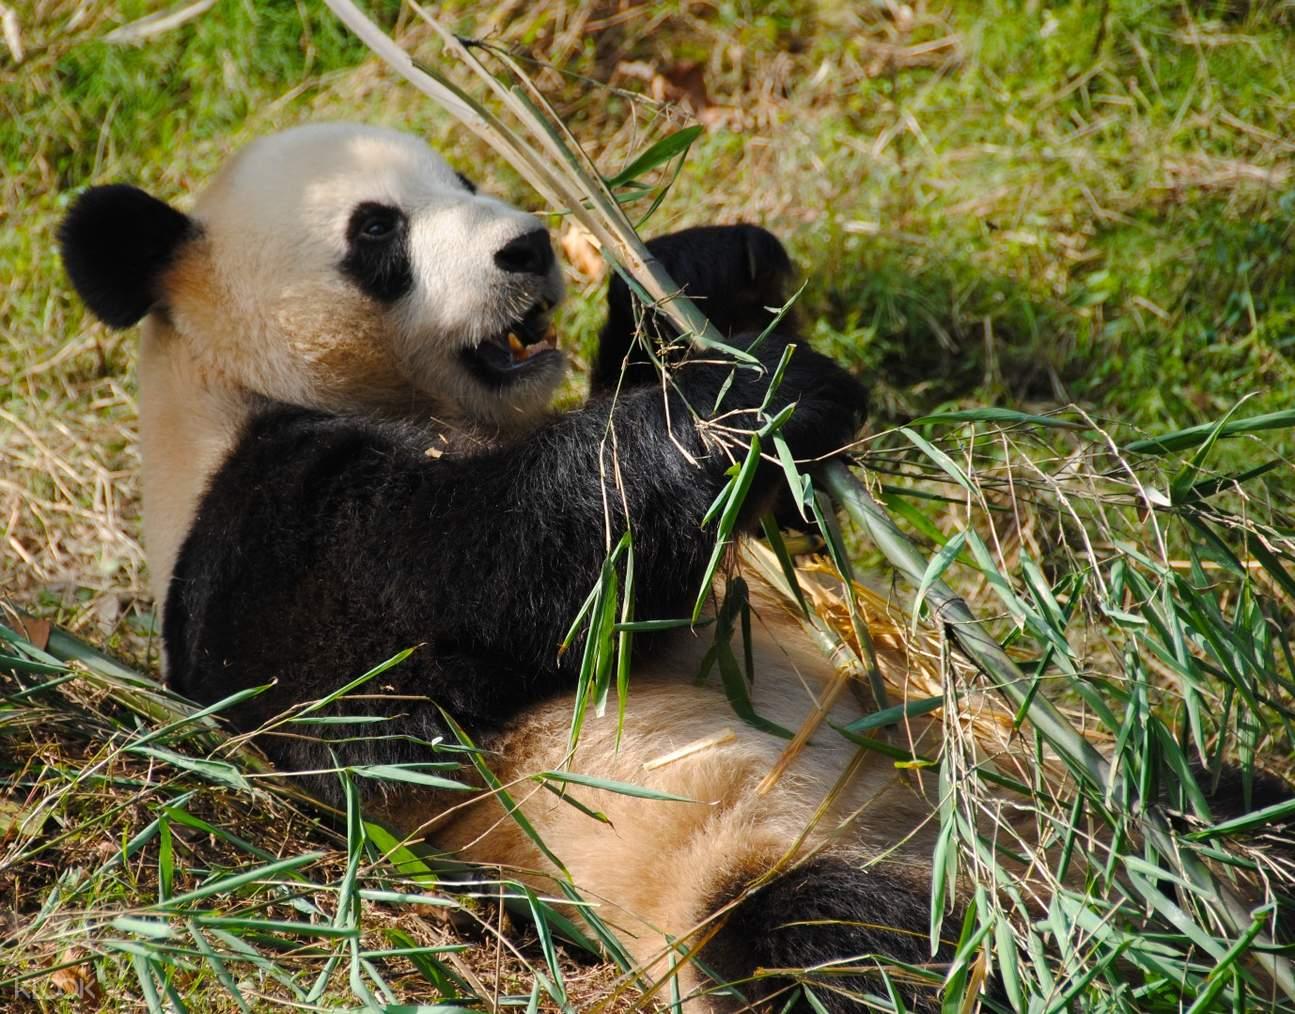 都江堰大熊猫保育基地,熊猫饲养员体验,熊猫饲养员一日体验